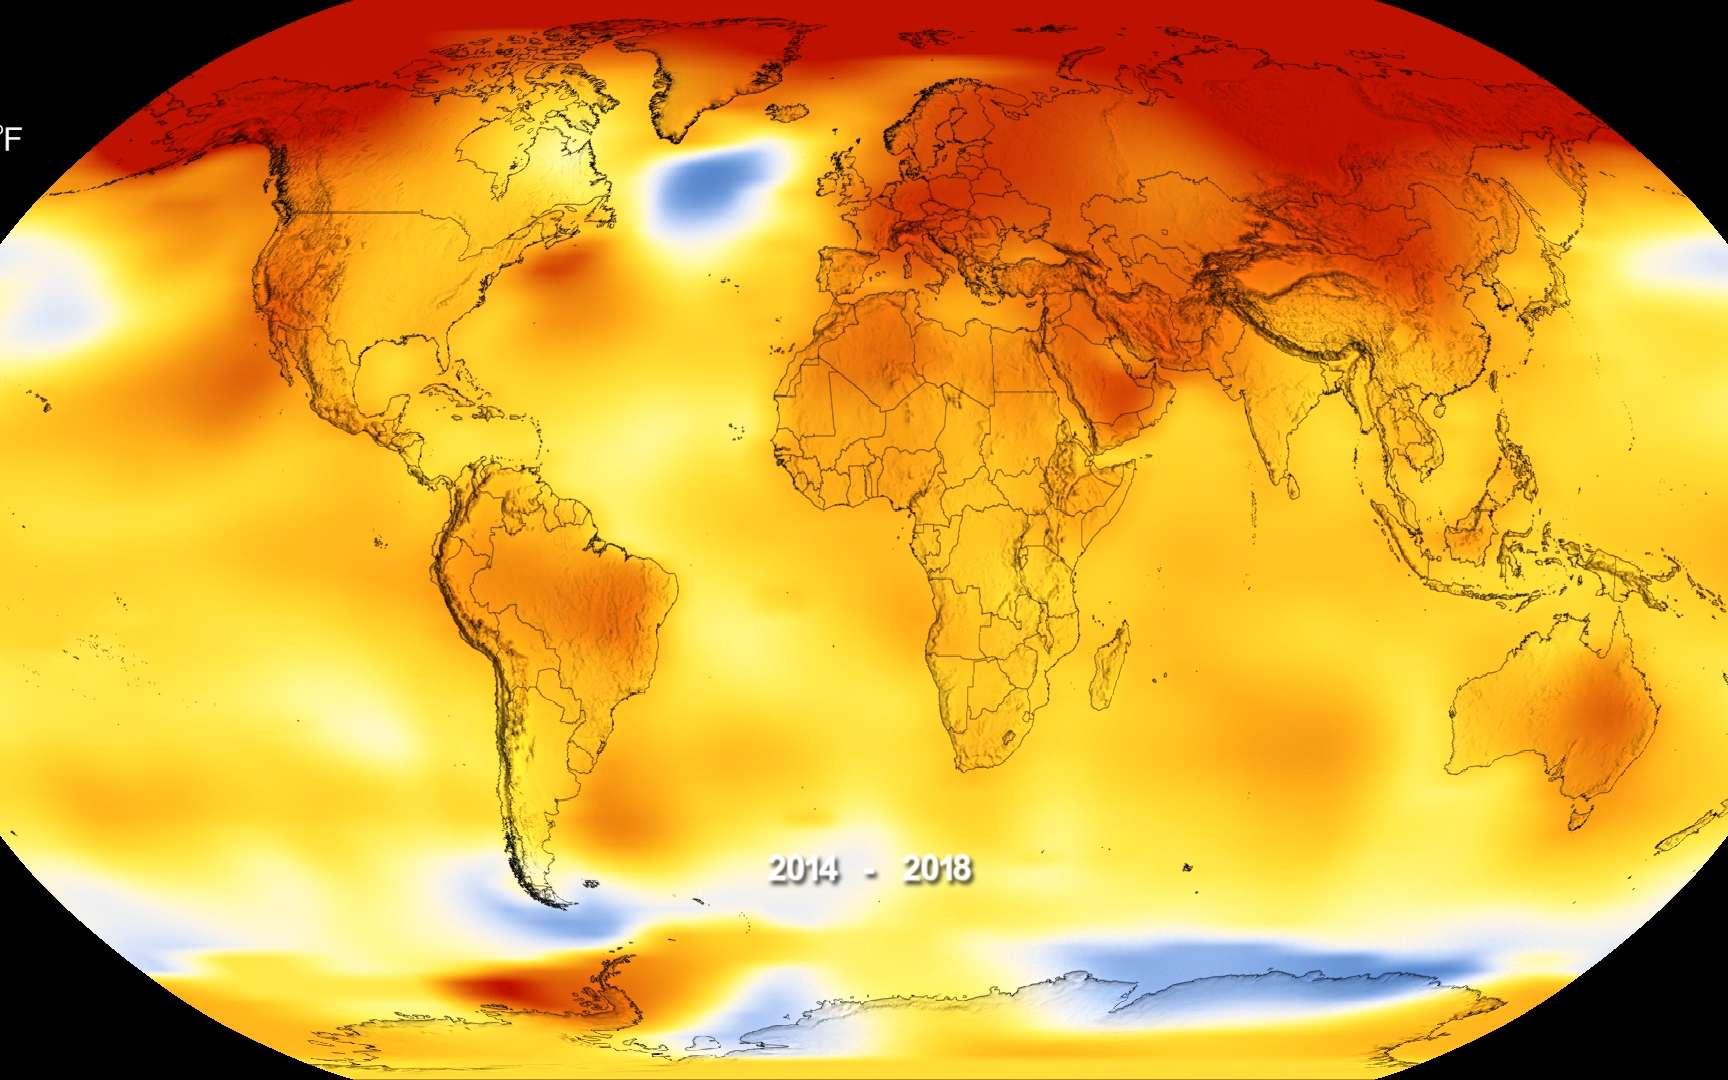 Selon des chercheurs, neuf points de non-retour ont désormais été franchis sur fond de réchauffement climatique. Une cascade de conséquences est à craindre. © Nasa Earth Observatory